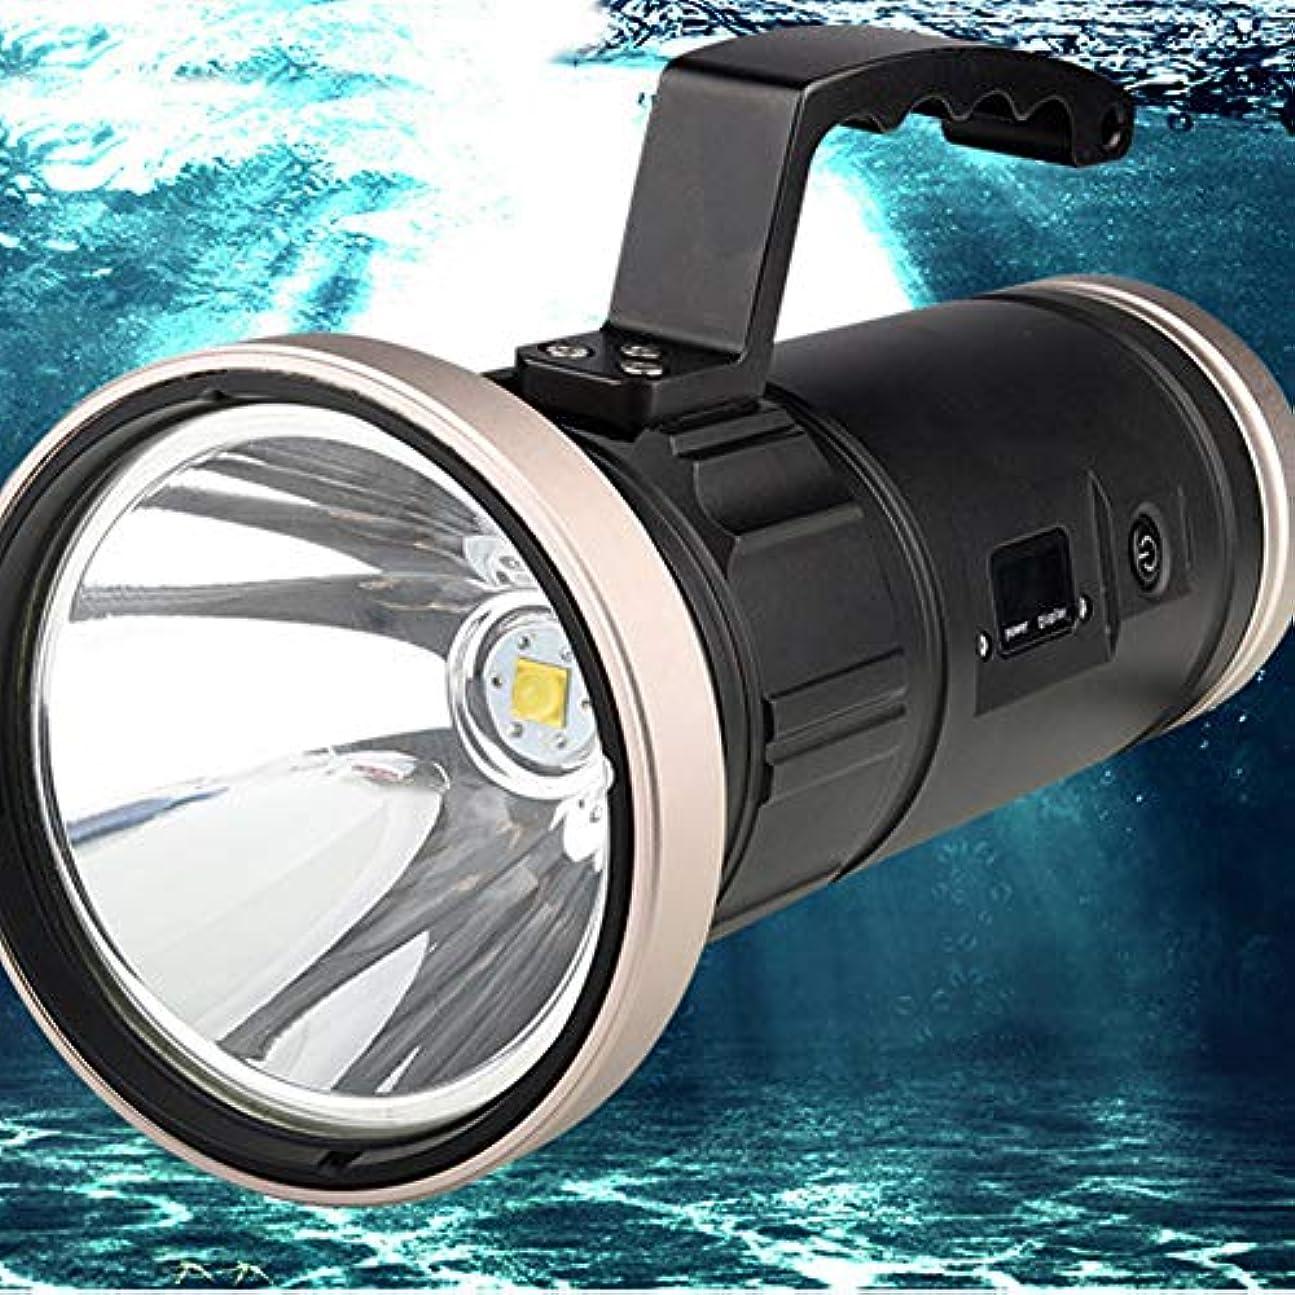 気分が良い中に毎年夜釣り用ライト 釣りランプ ハイパワーズームサーチライト 充電グレア長距離懐中電灯 防水 サイドライト